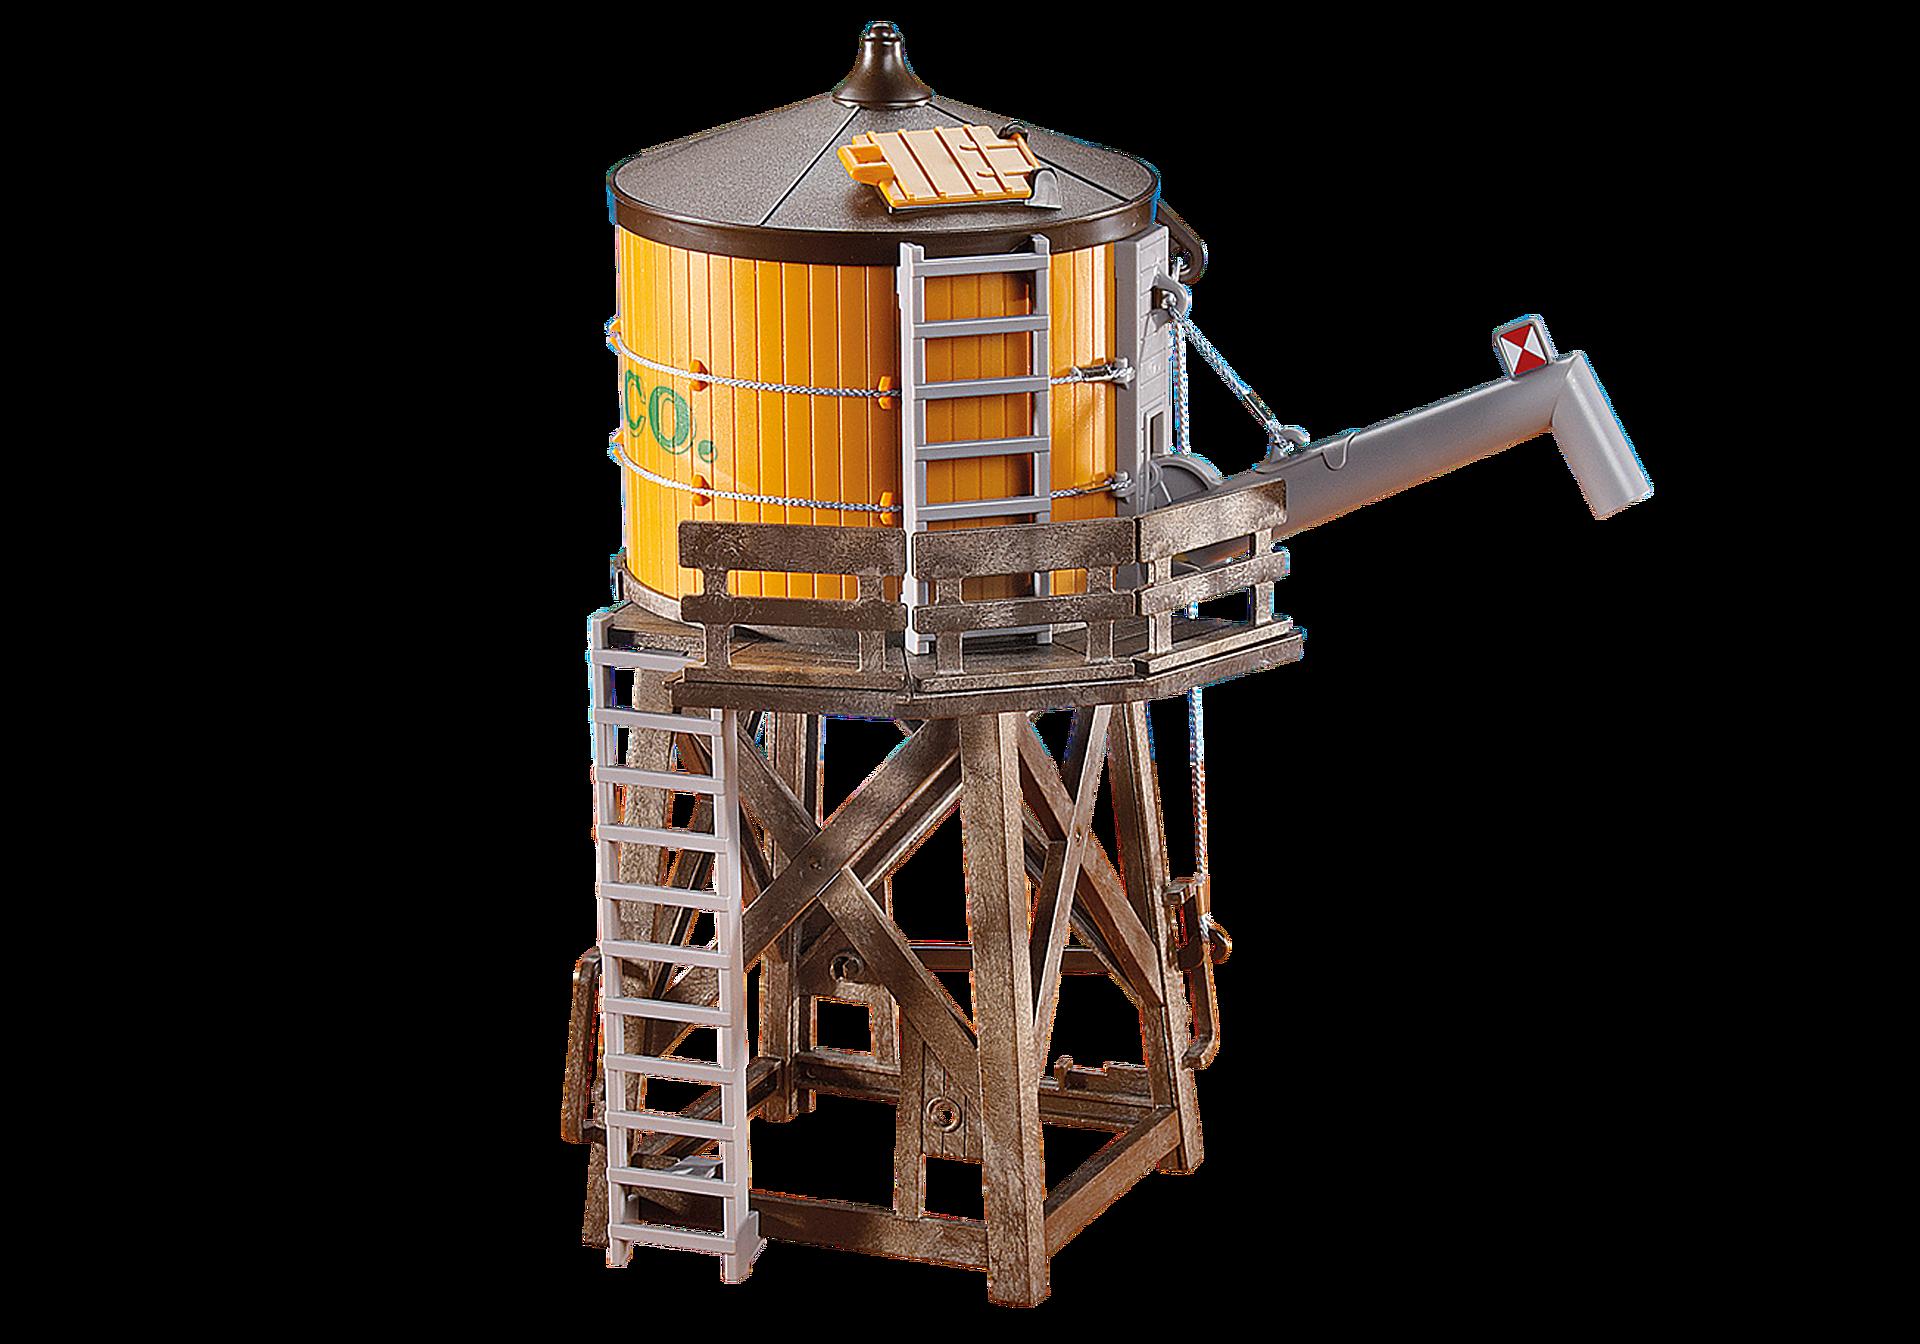 6215 Duża wieża ciśnień zoom image1